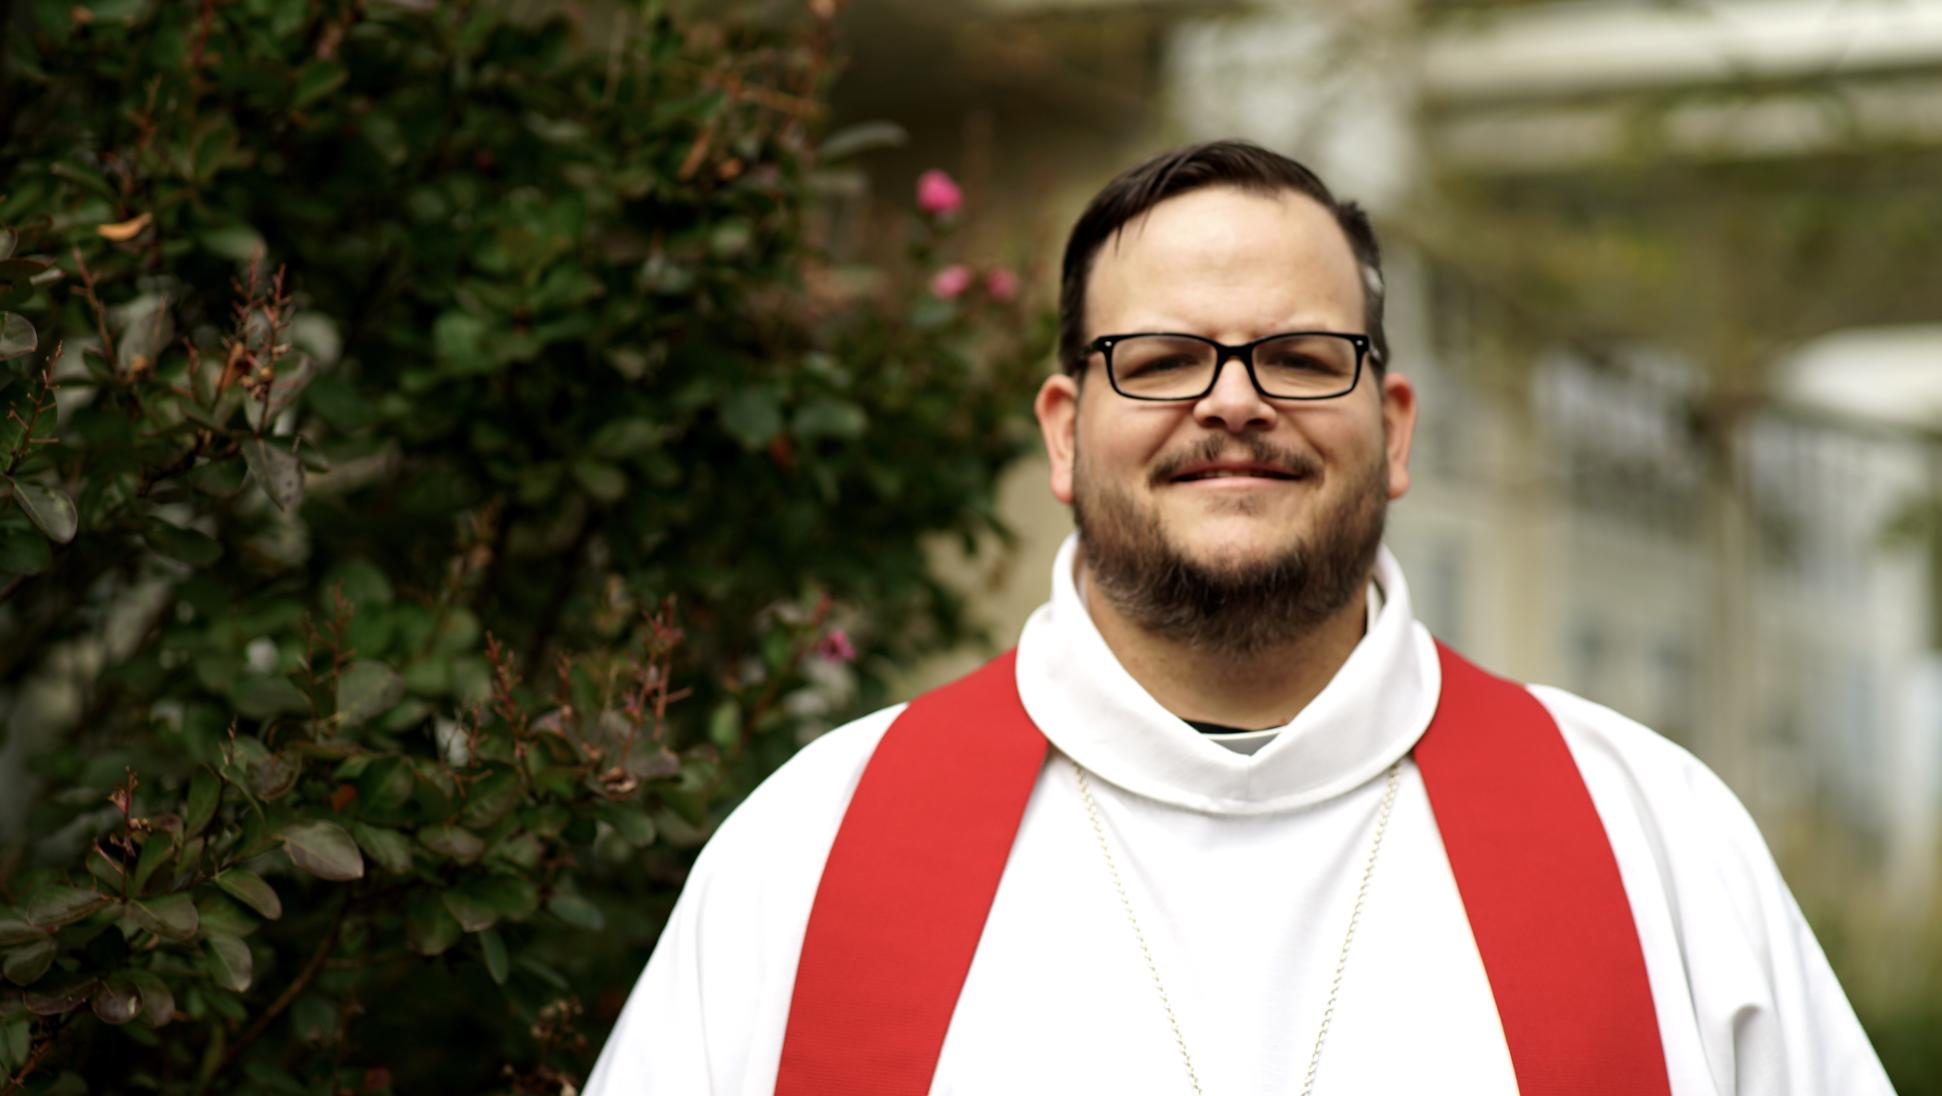 Bishop William Gohl